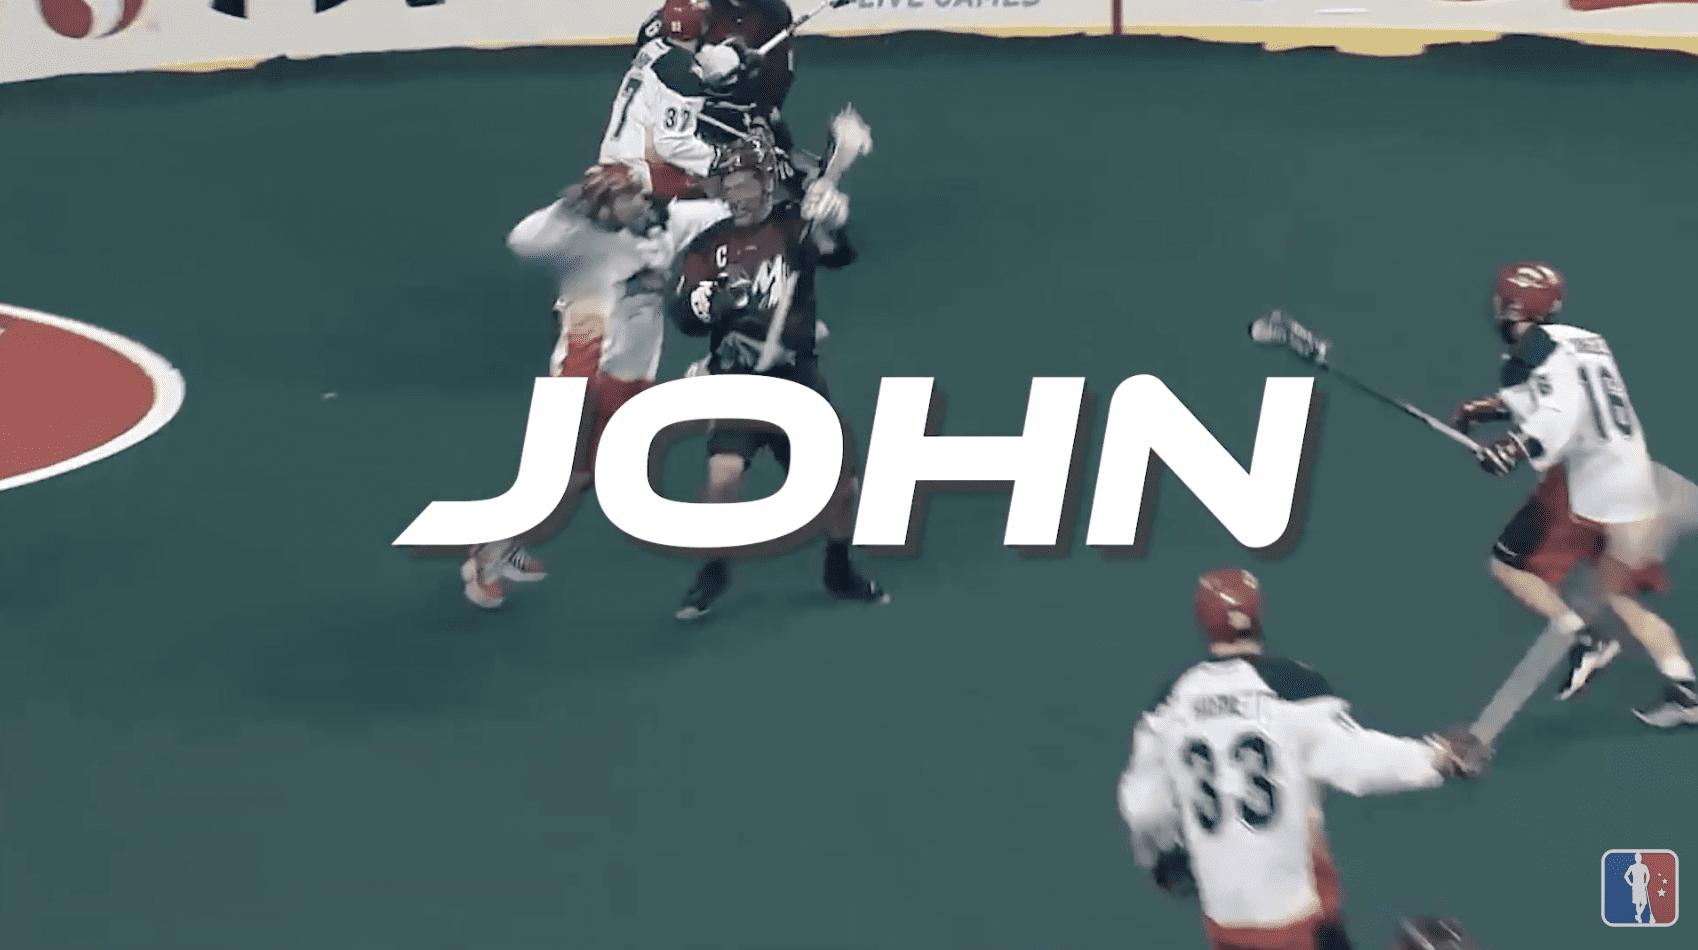 john grant jr plays